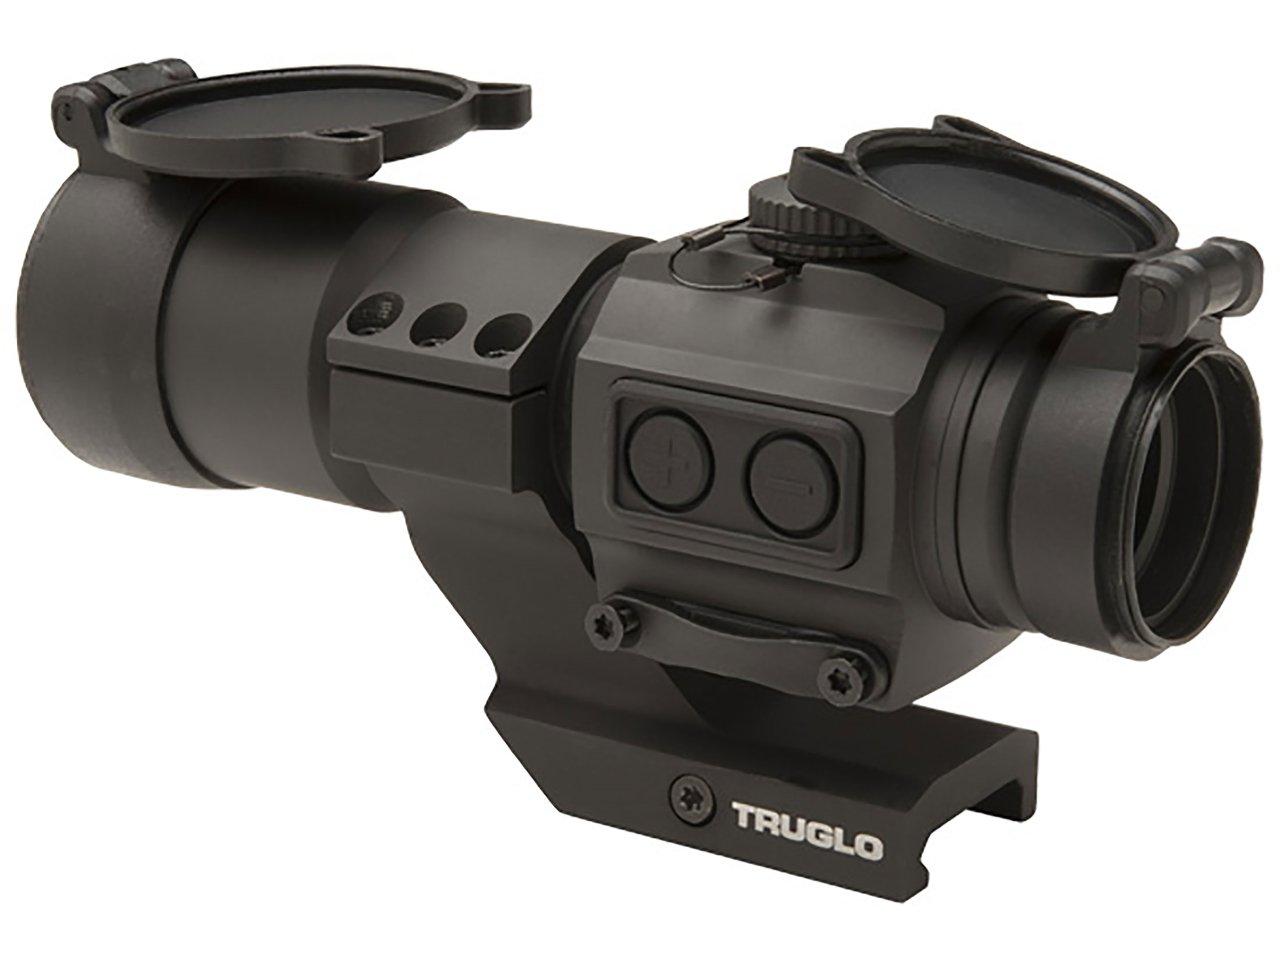 TRUGLO TG8135BN Tru-Tec XS 30mm Red Dot Sight